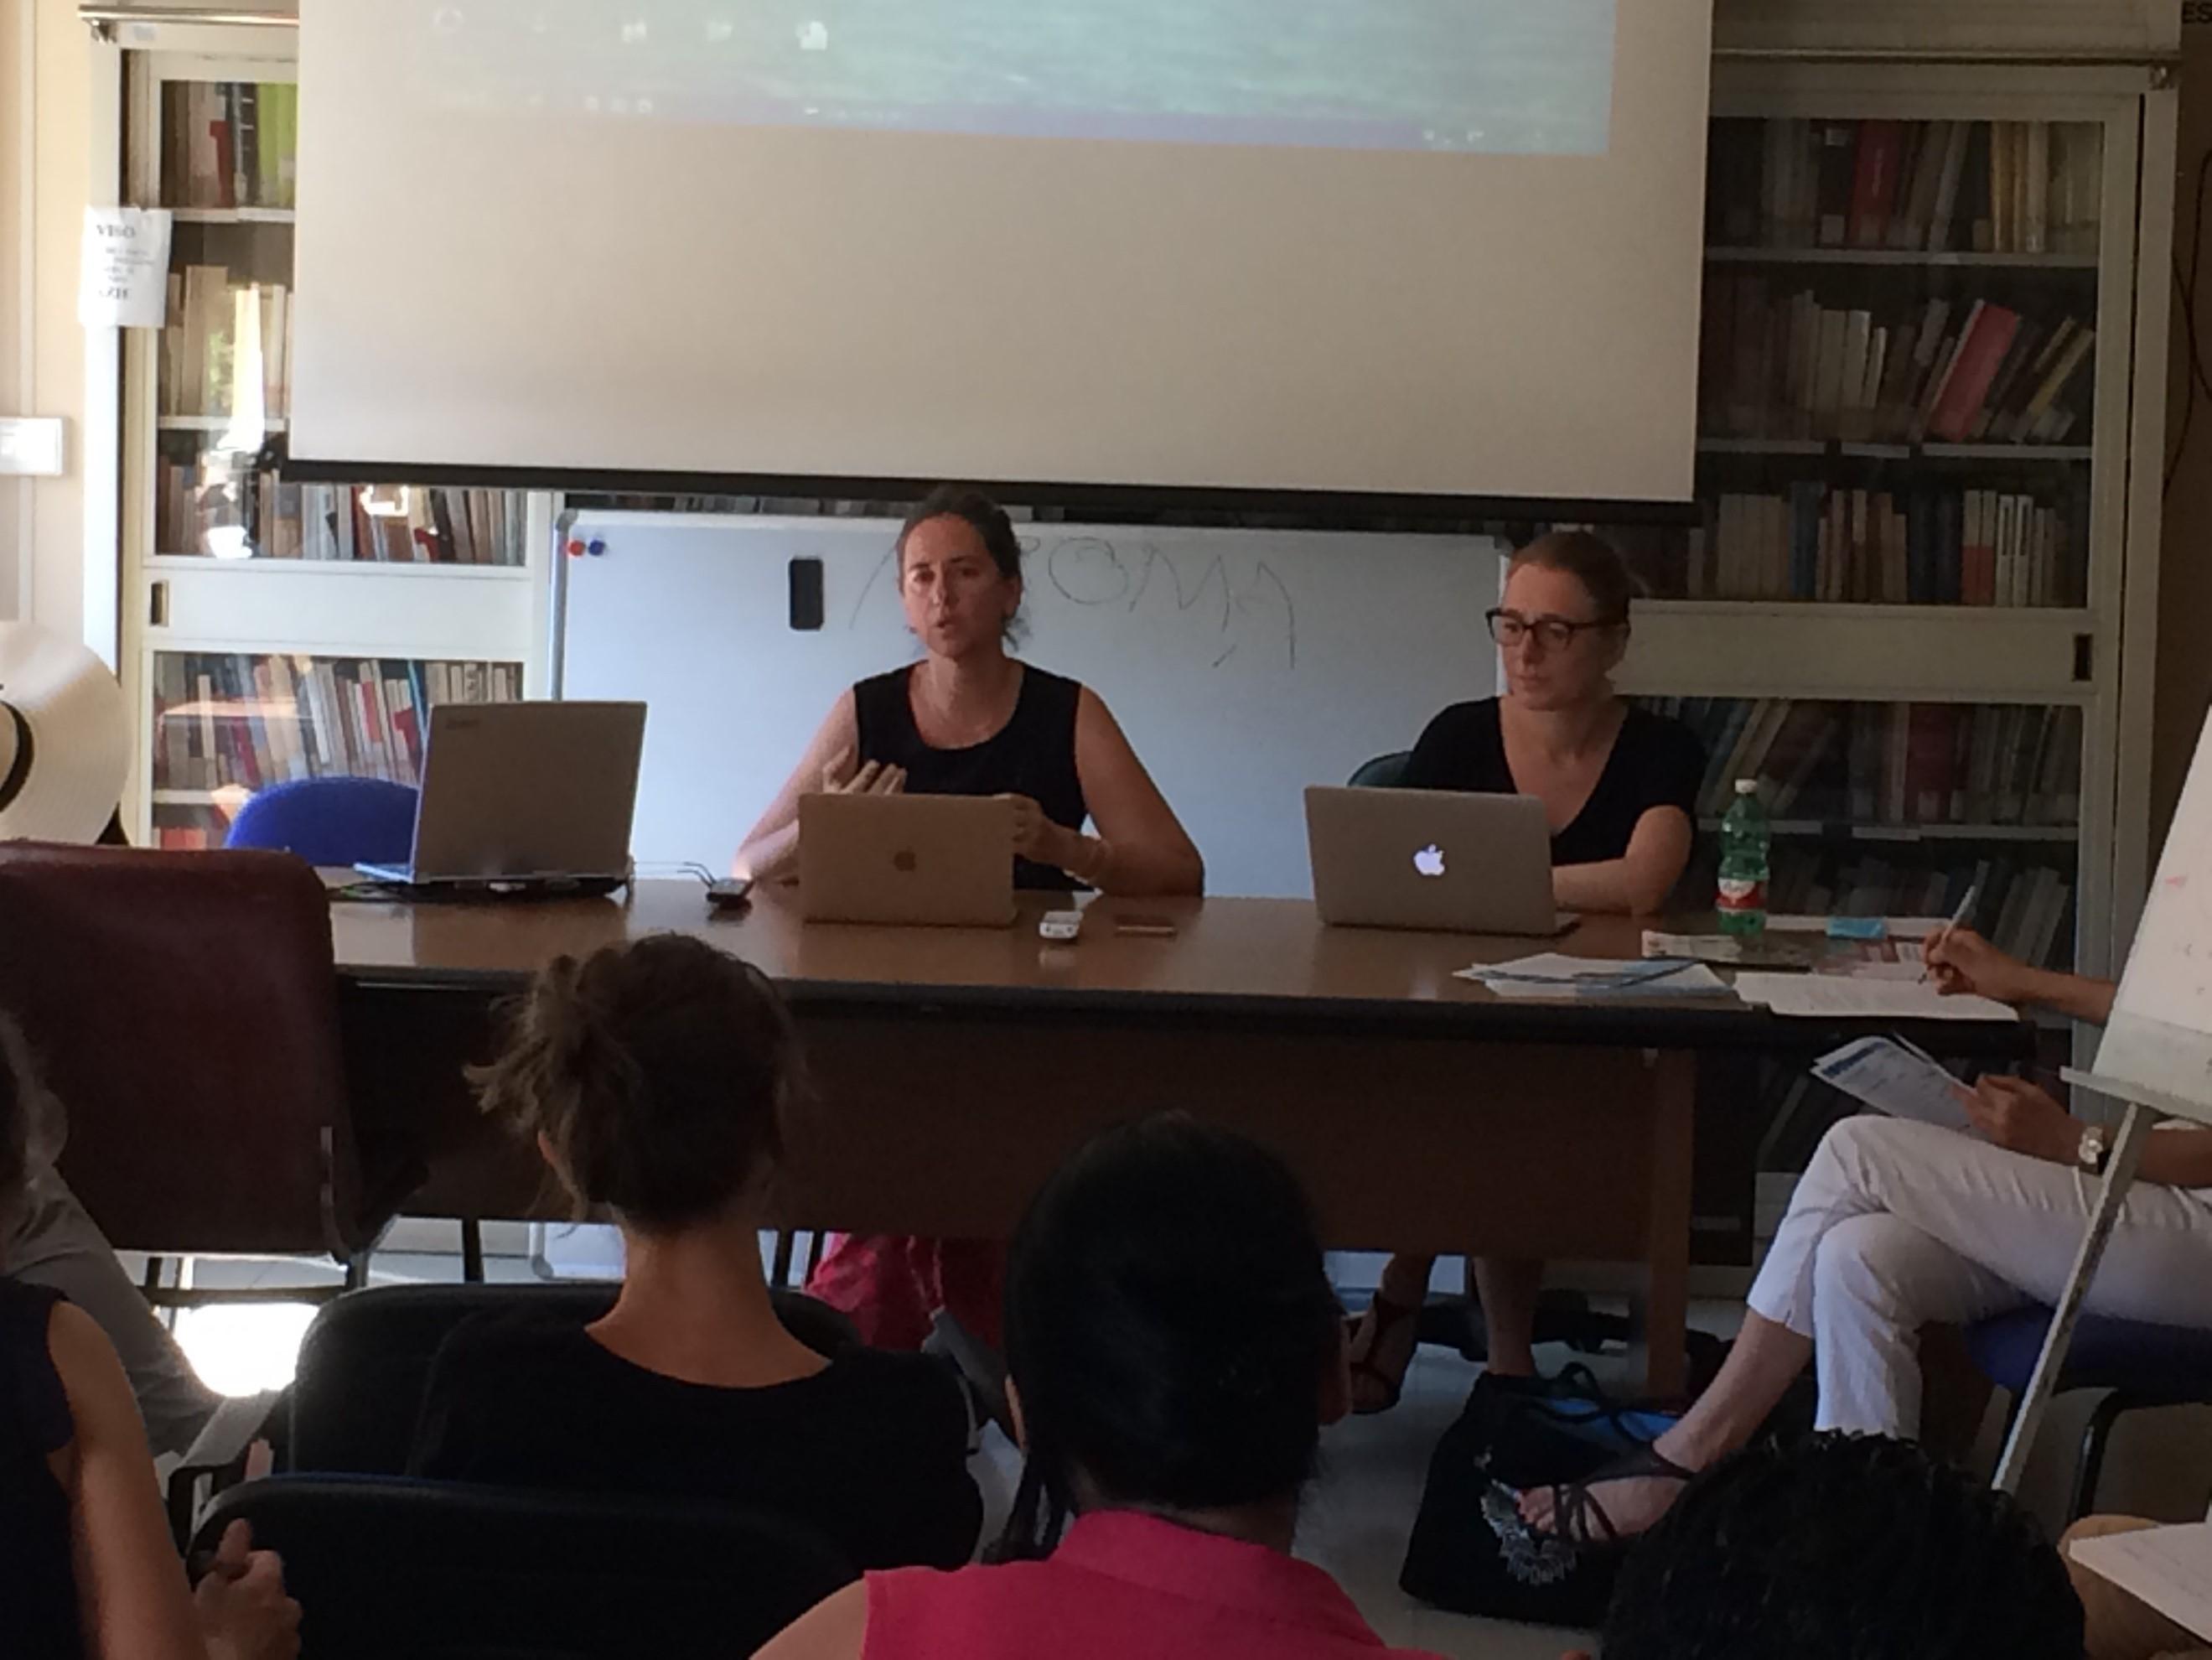 Introduction par Eleonora Canepari et Céline Regnard (crédits photographiques : Agnès Rabion, TELEMMe, CNRS-AMU)